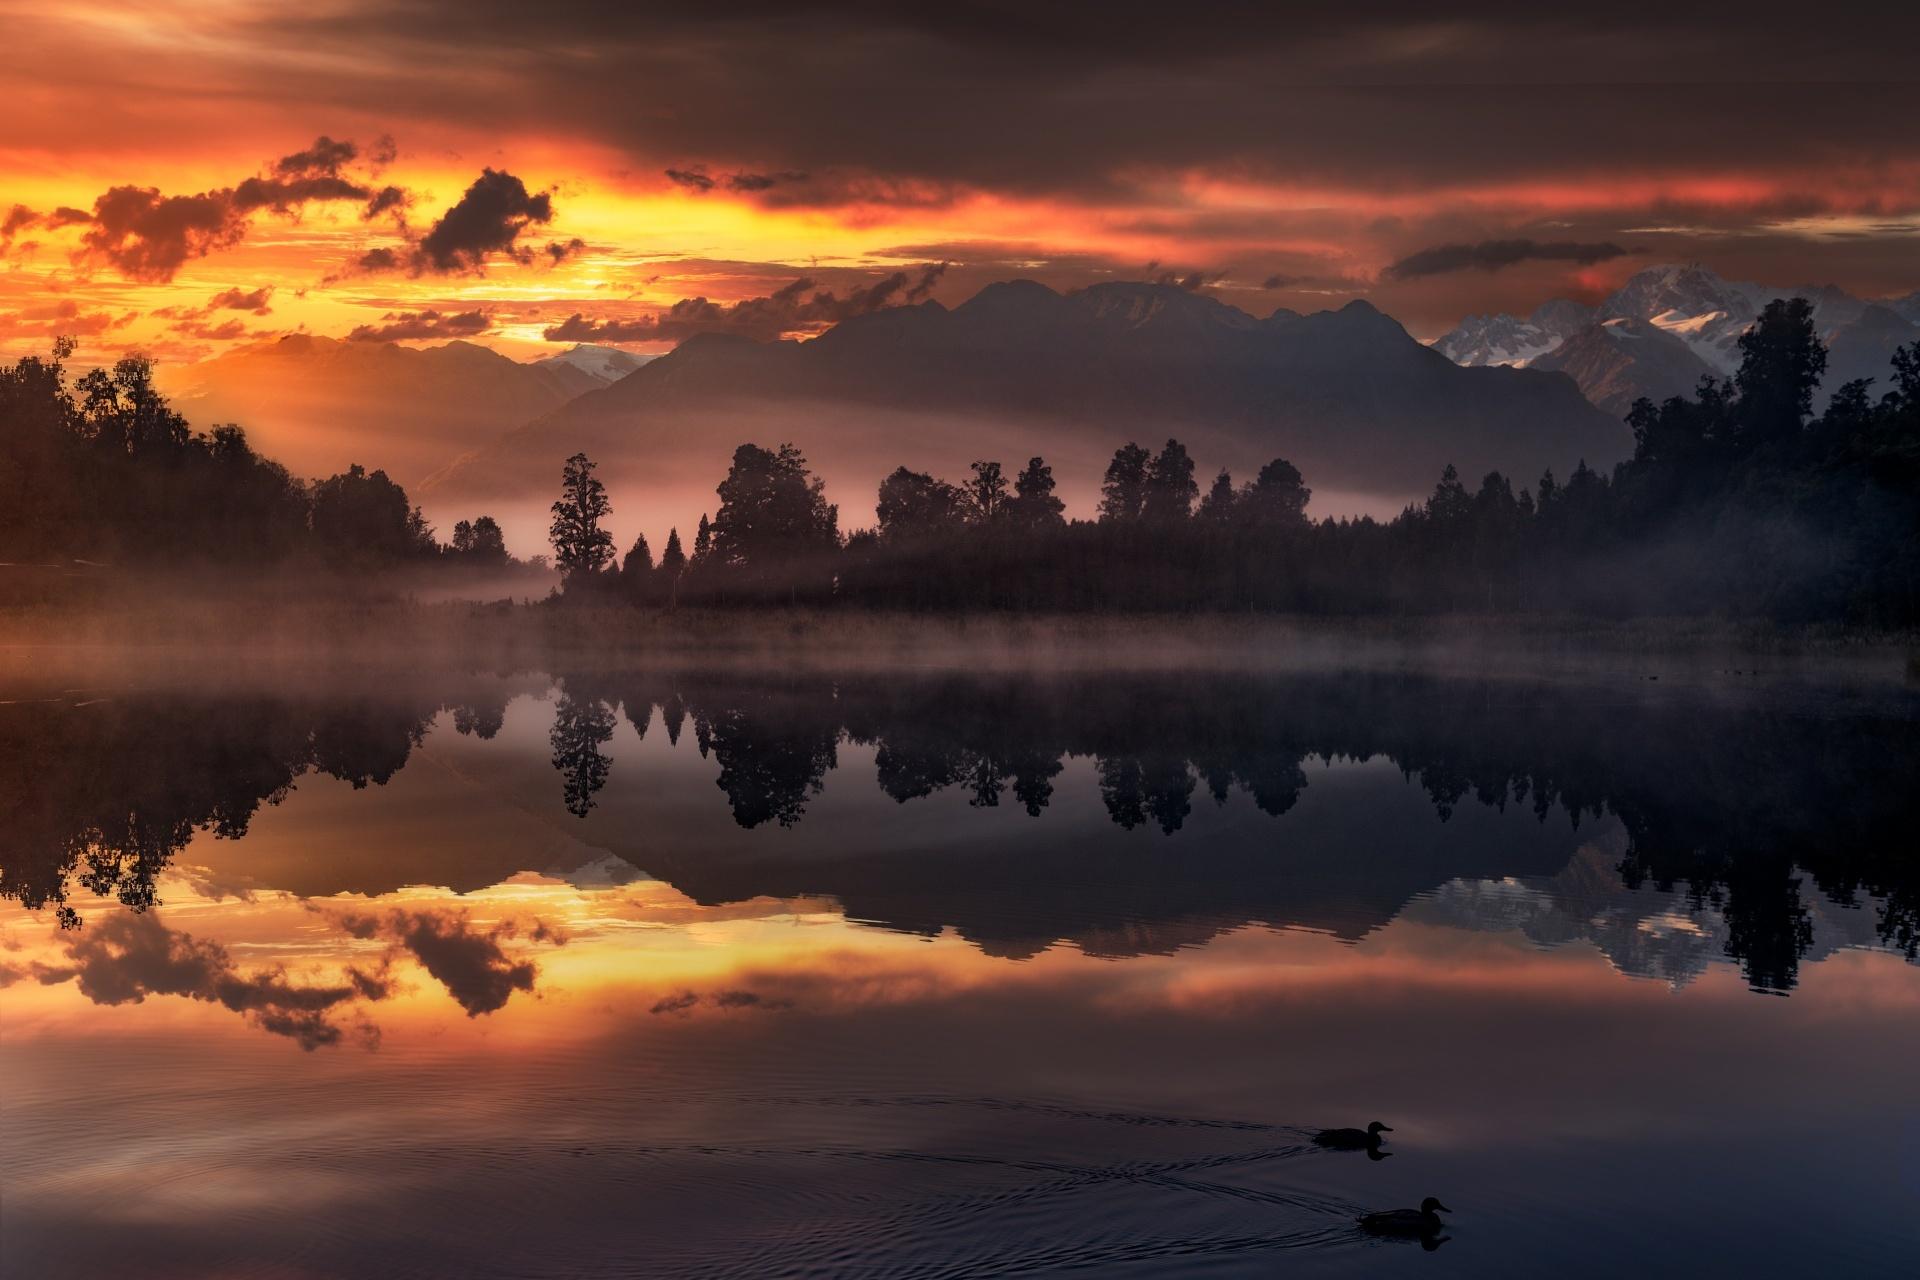 ニュージーランド南島 マセソン湖の朝の風景